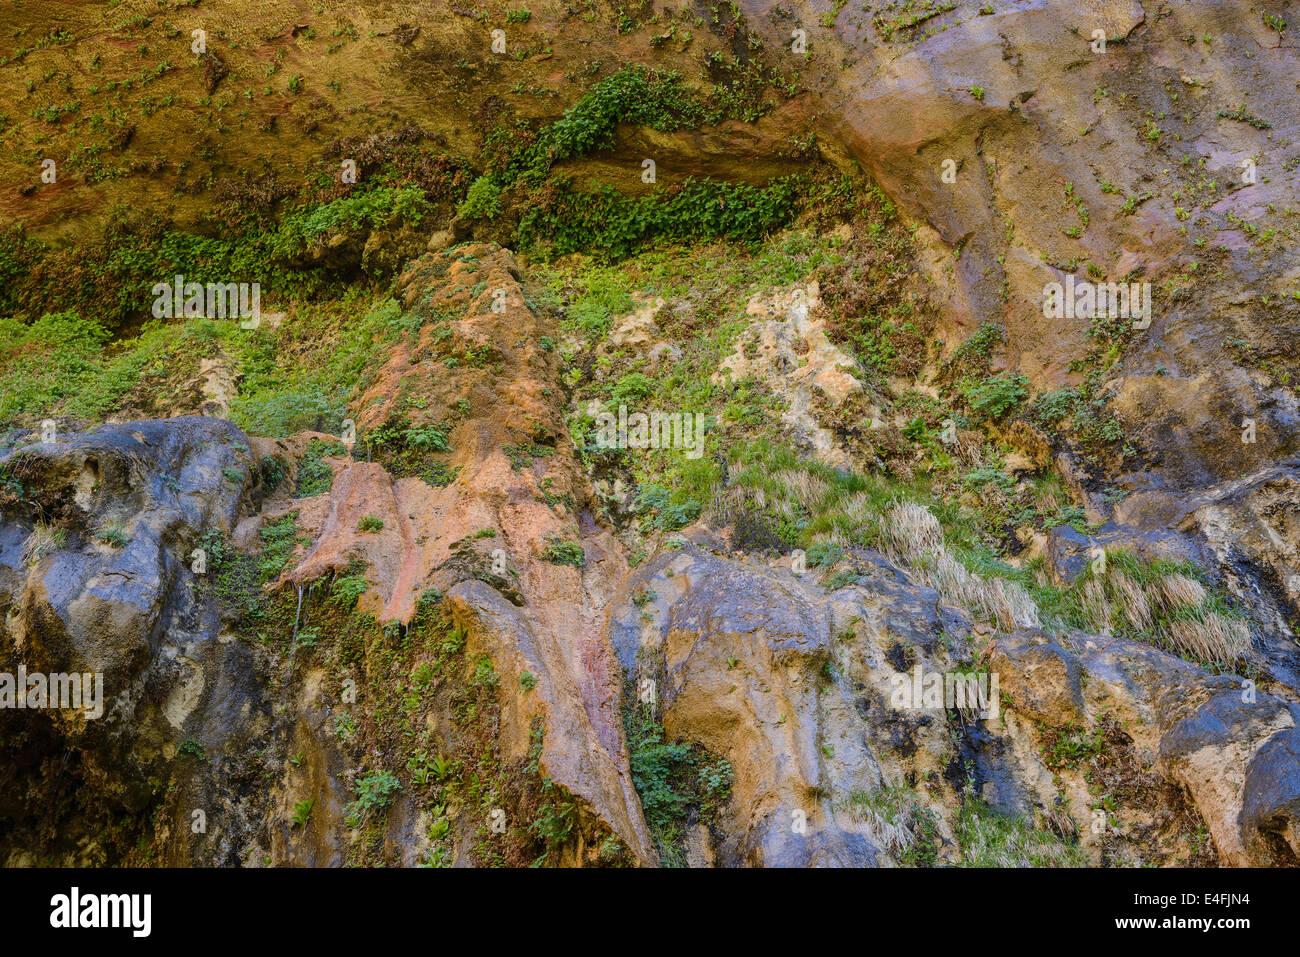 Giardini pensili di pianto Rock, Parco Nazionale Zion, Utah, Stati Uniti d'America Immagini Stock